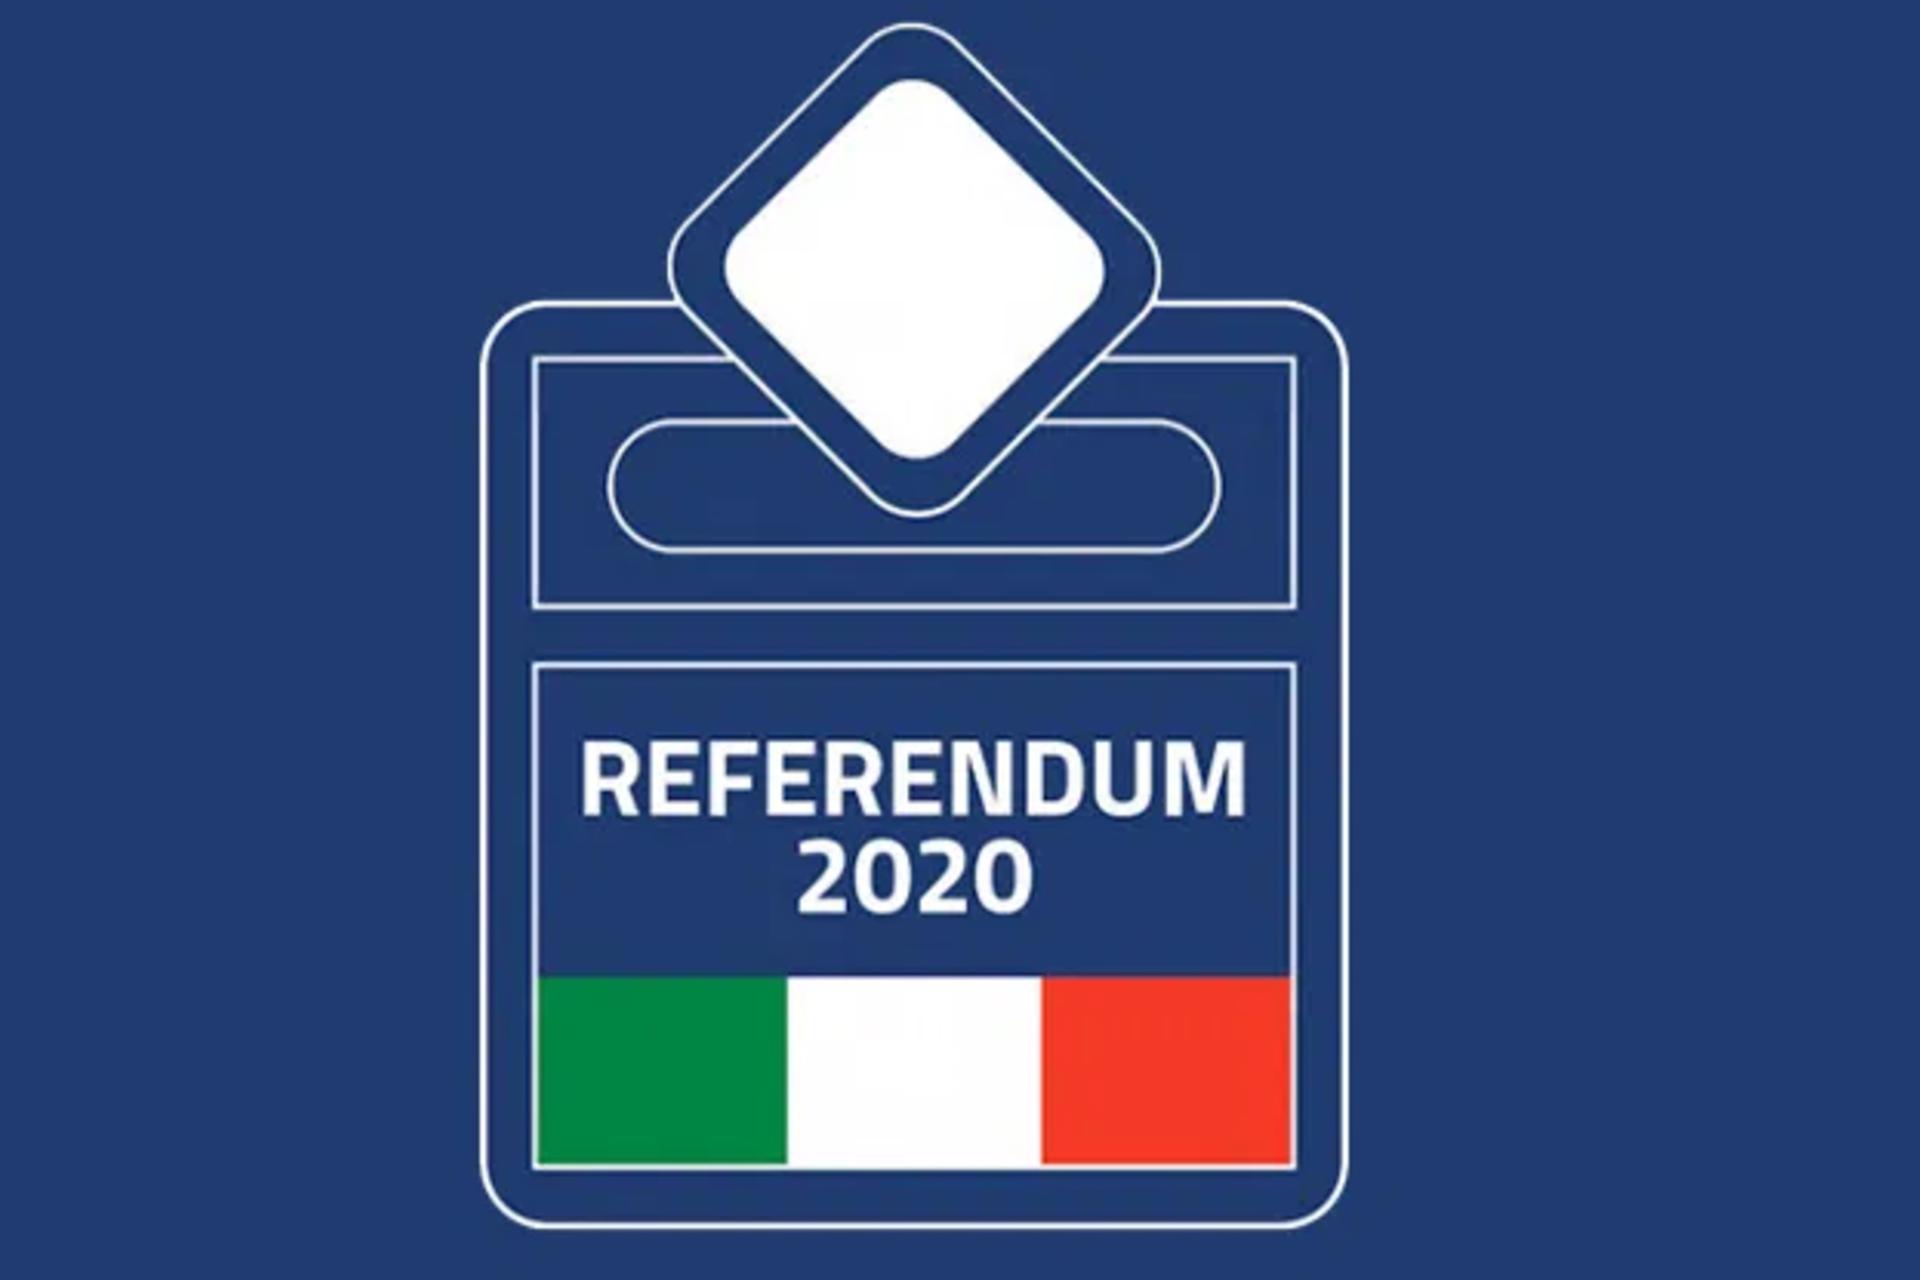 Referendum costituzionale del 20 e 21 settembre 2020 - Certificato accompagnamento